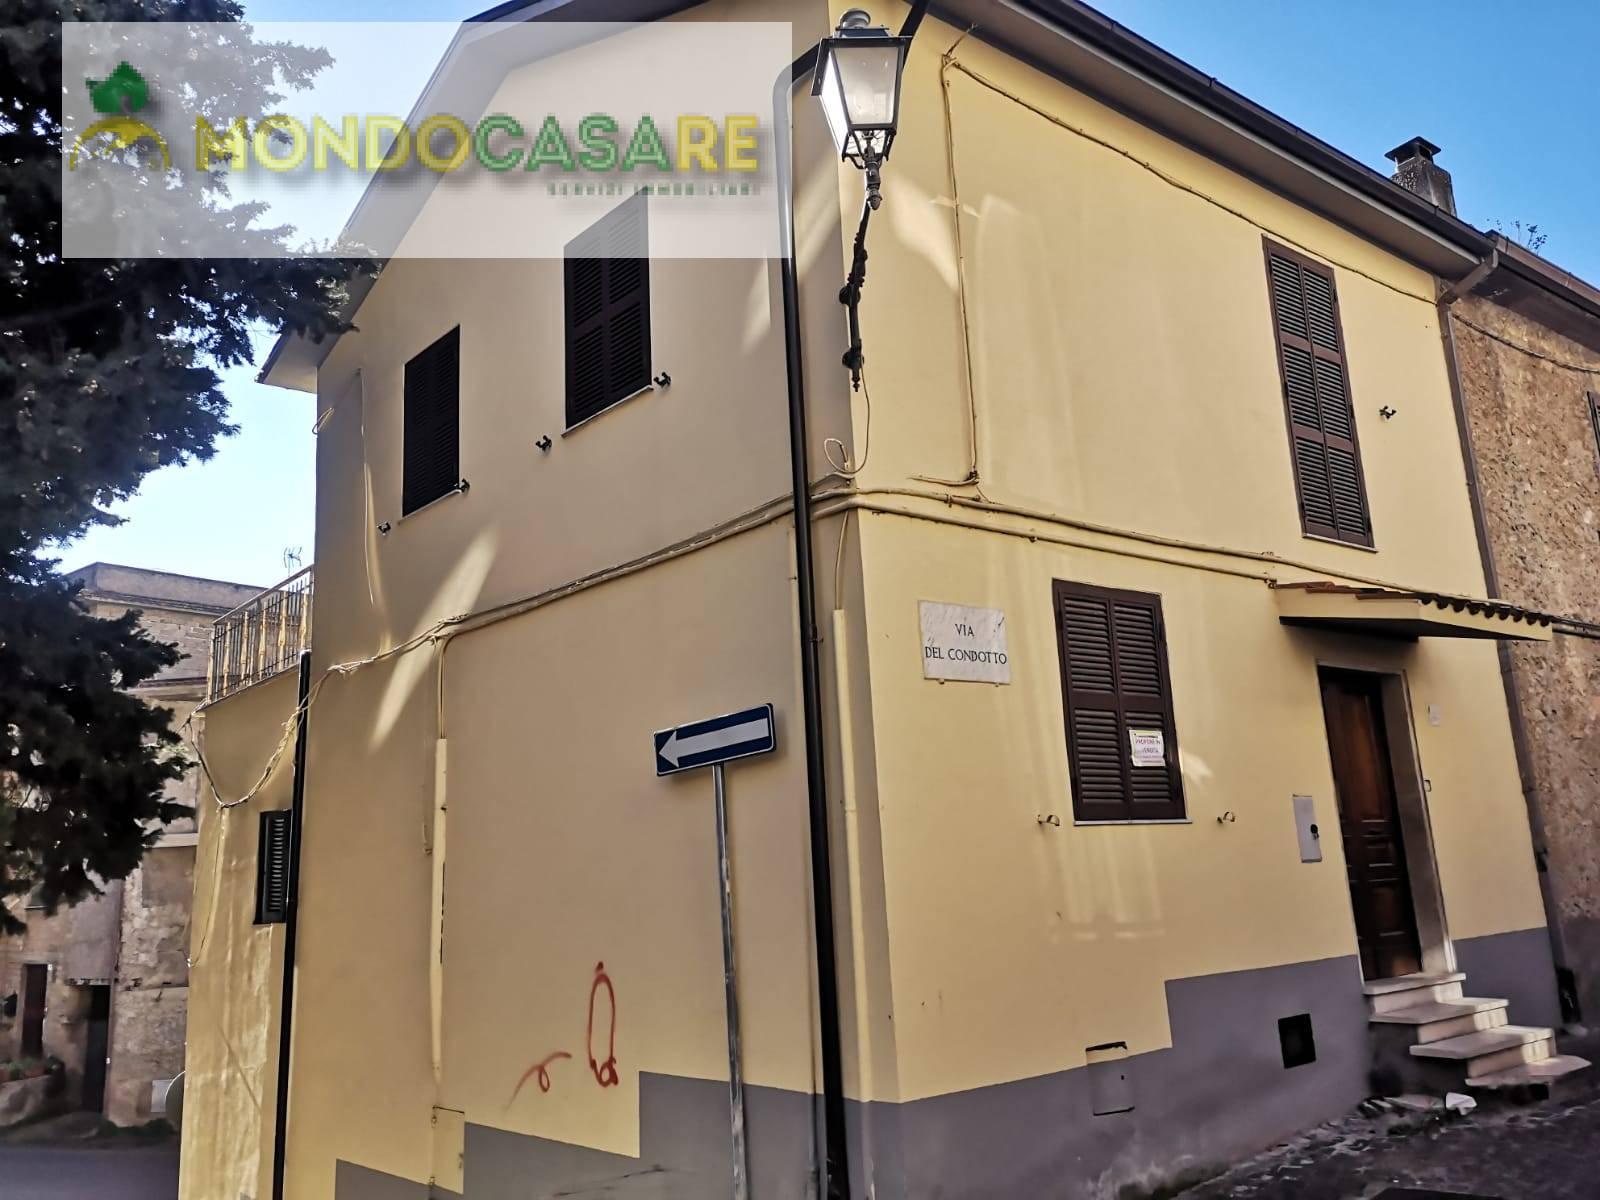 Appartamento in vendita a Moricone, 4 locali, prezzo € 53.000 | CambioCasa.it